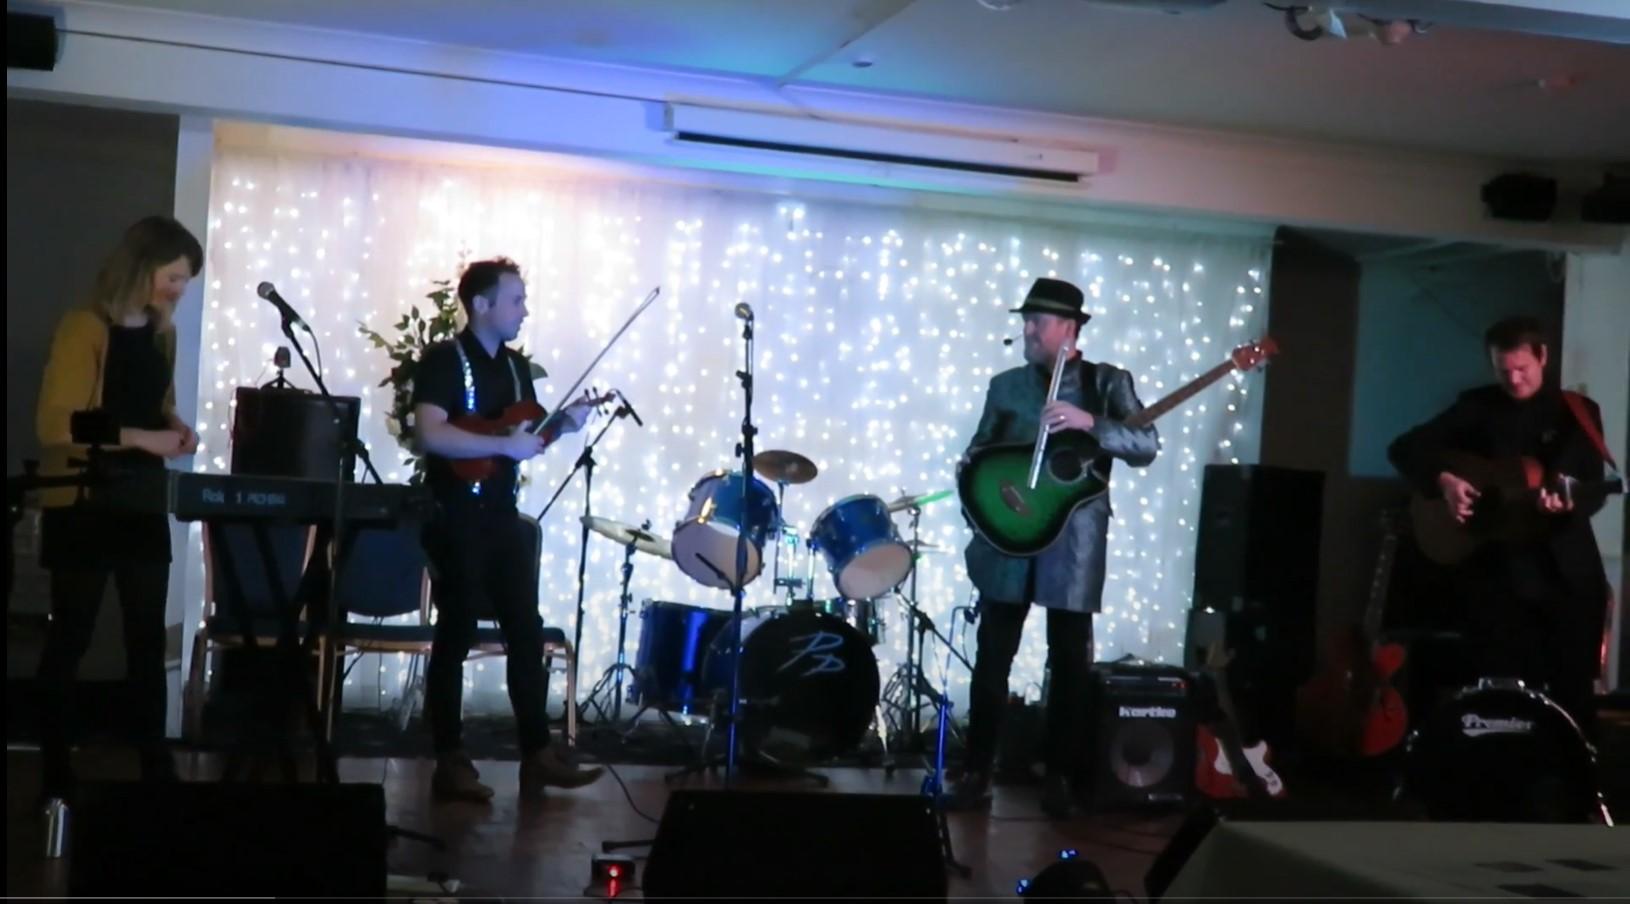 Award winning group 'The Rowan Tree' perform songs in Kernewek